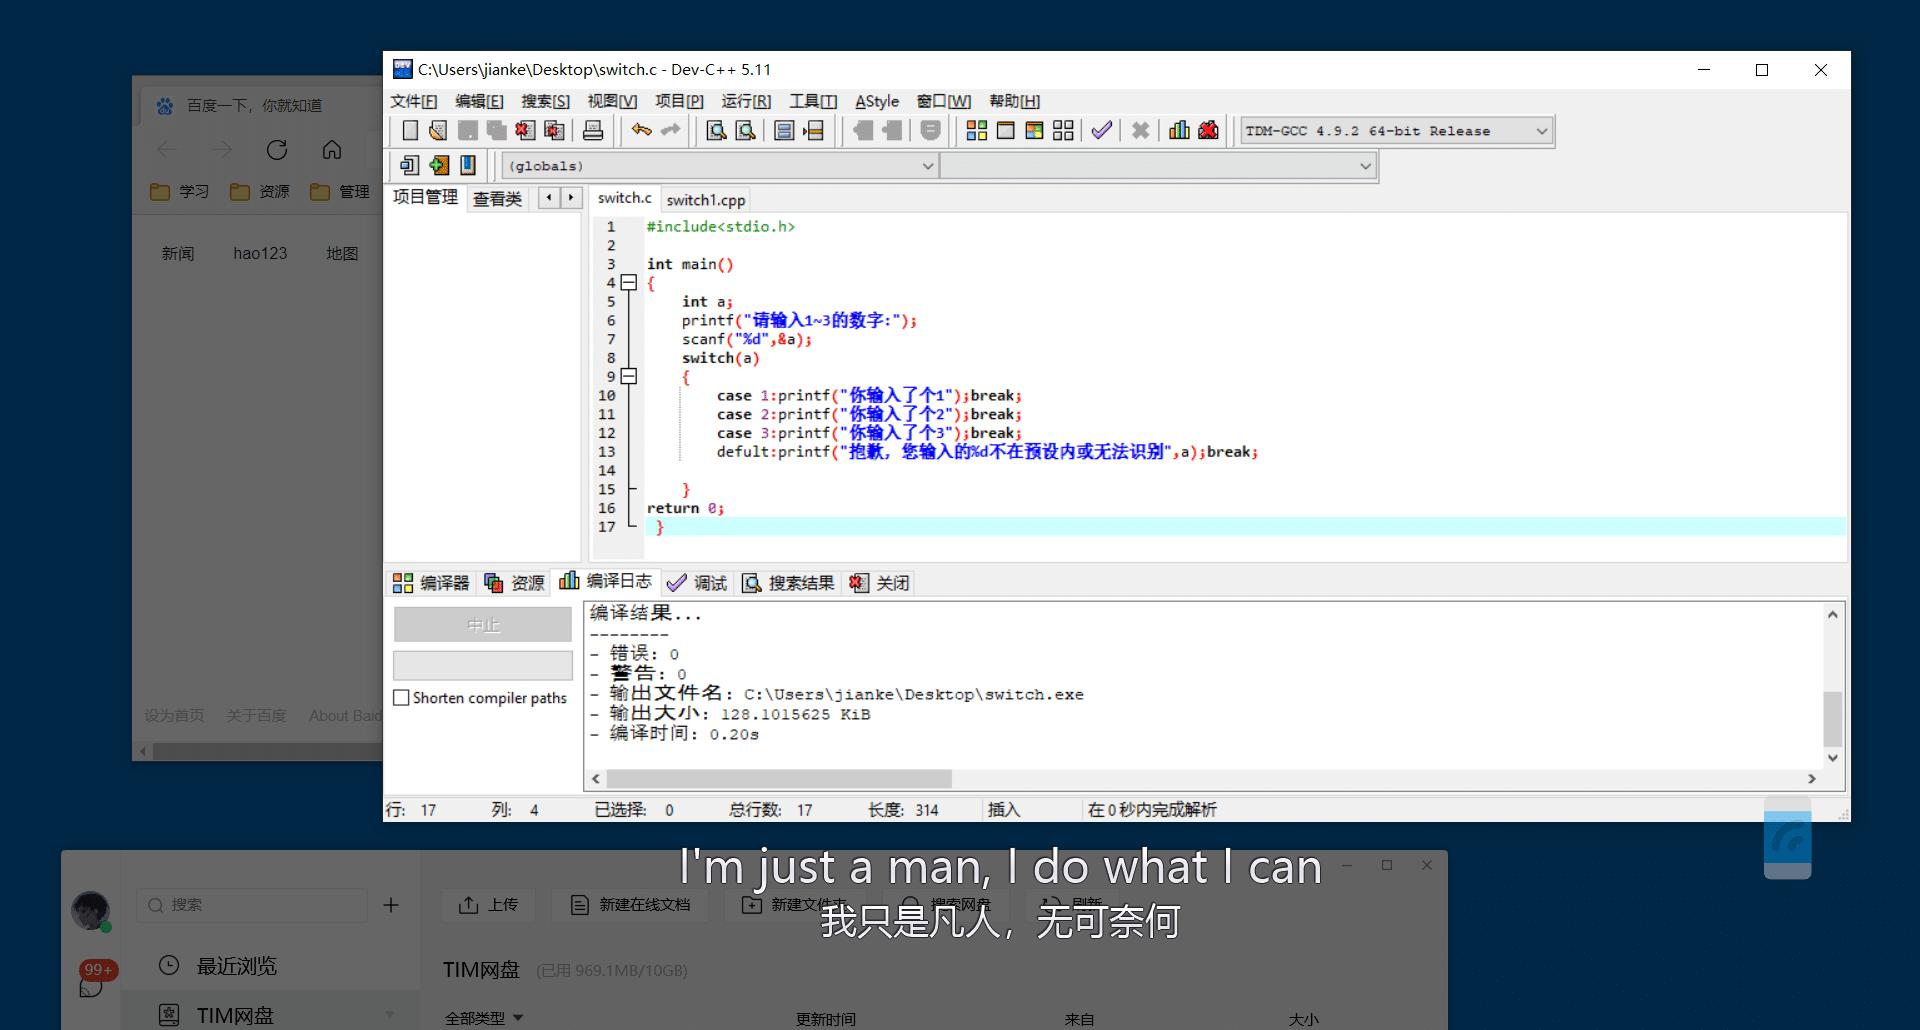 专注学习软件 | FocusWindowX